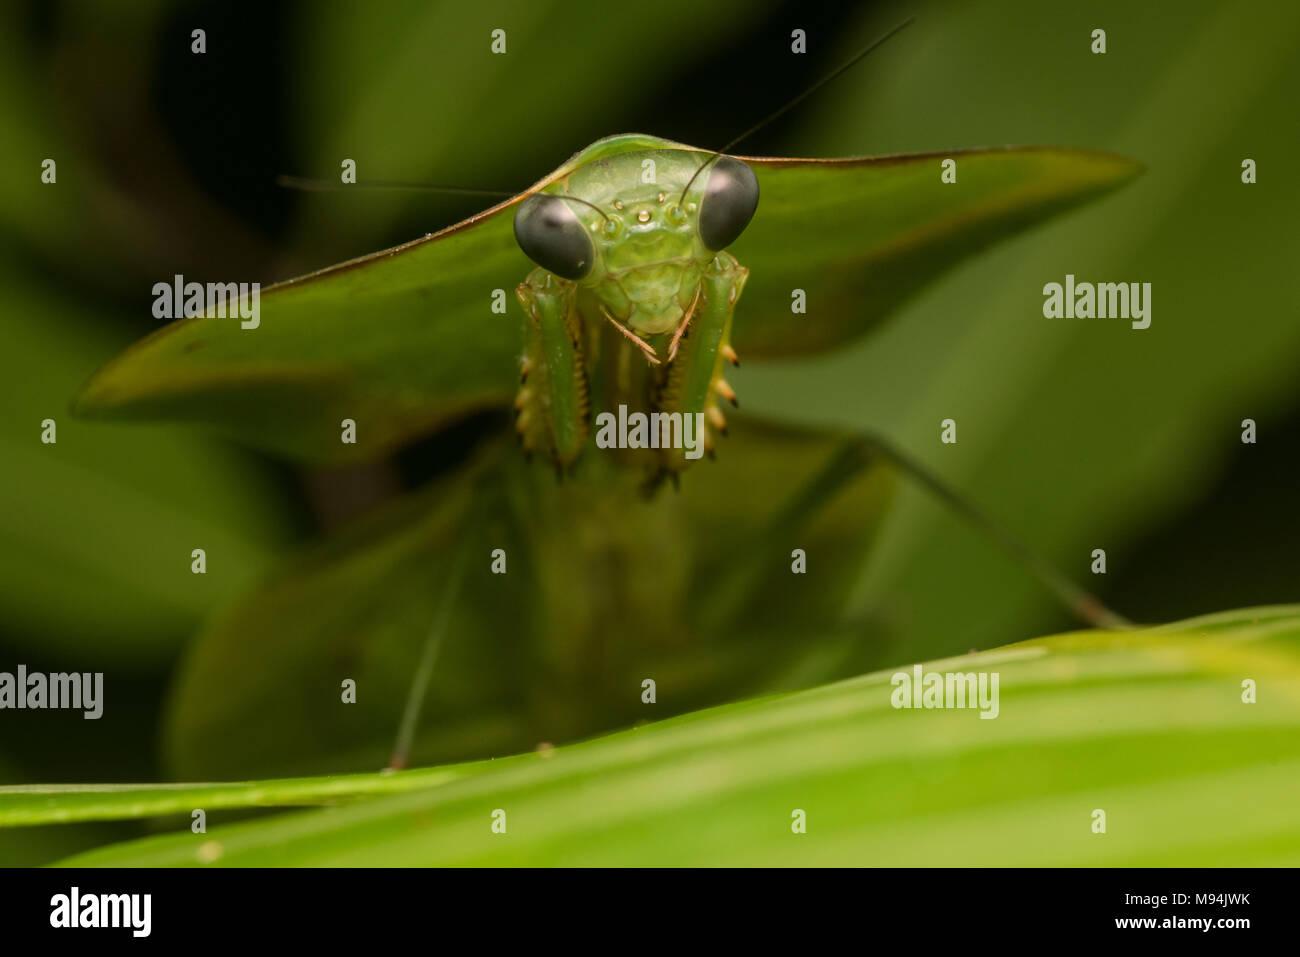 Ein Schild oder Blatt Mantis (Choeradodis Arten) setzt auf seine erstaunliche Camouflage, mit Pflanzen und verdeckt zu mischen. Stockbild